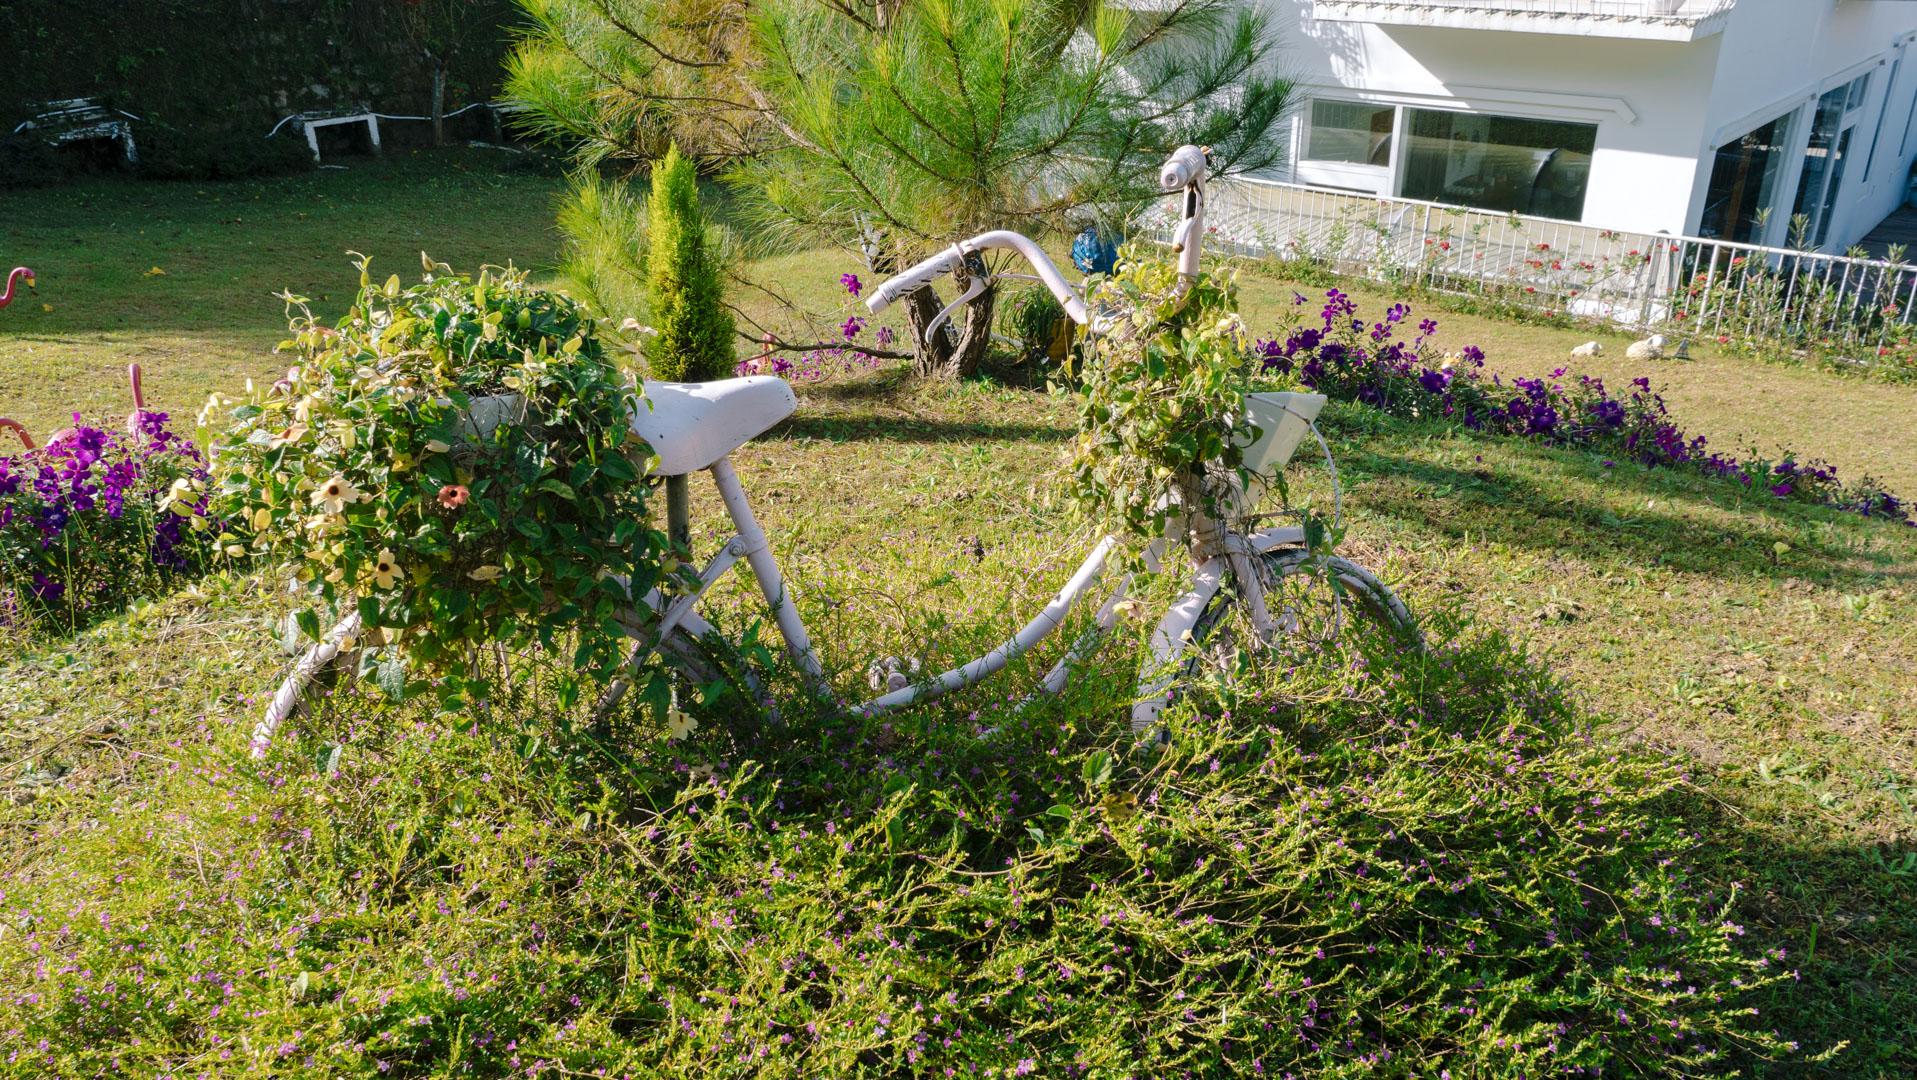 Dạo quanh khu vườn Lữ Tấn, bạn sẽ không khỏi bắt gặp những tiểu cảnh xinh xắn, được Lữ Tấn tỉ mẩn chăm chút hàng ngày